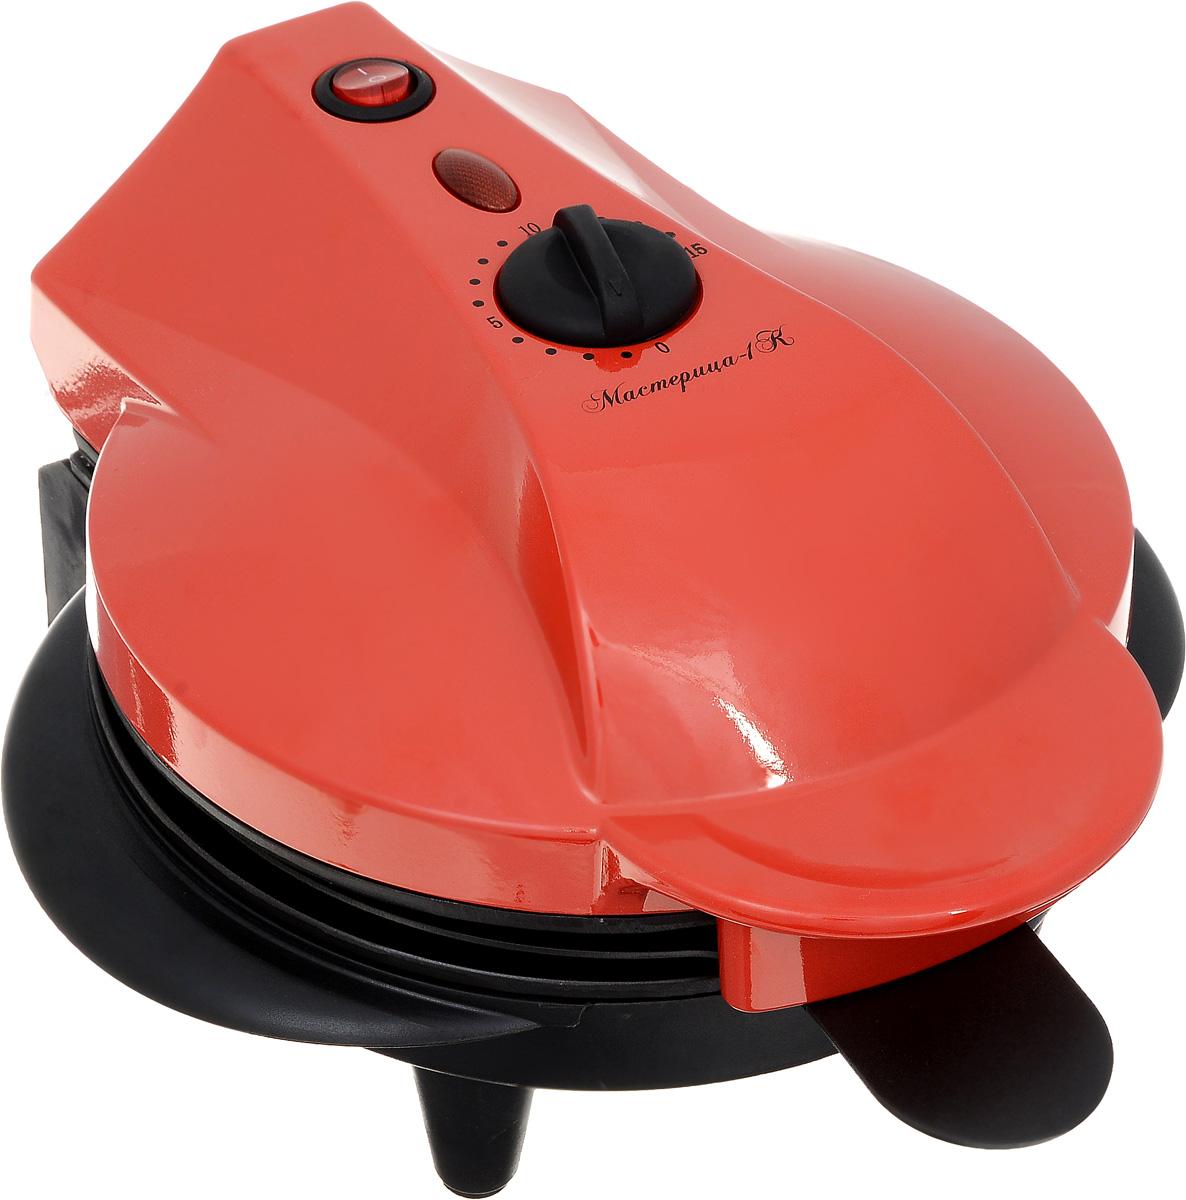 Великие Реки Мастерица-1К печьМастерица-1КПечь Мастерица-1К имеет4 сменных панели: панель для котлет/кексов/пирогов,панель для омлета, панель для гриля, панель для пиццы-пирогов. Благодаря антипригарному покрытию ваша выпечка никогда не подгорит. Модель станет отличным подарком для любителей быстрой и вкусной пищи. Мастерица-1К долгие годы будет безупречно работать и станет лучшим помощником на кухне для тех, кто ценит свое время и любит вкусно перекусить. Регулируемая мощность, таймер на 15 минут.